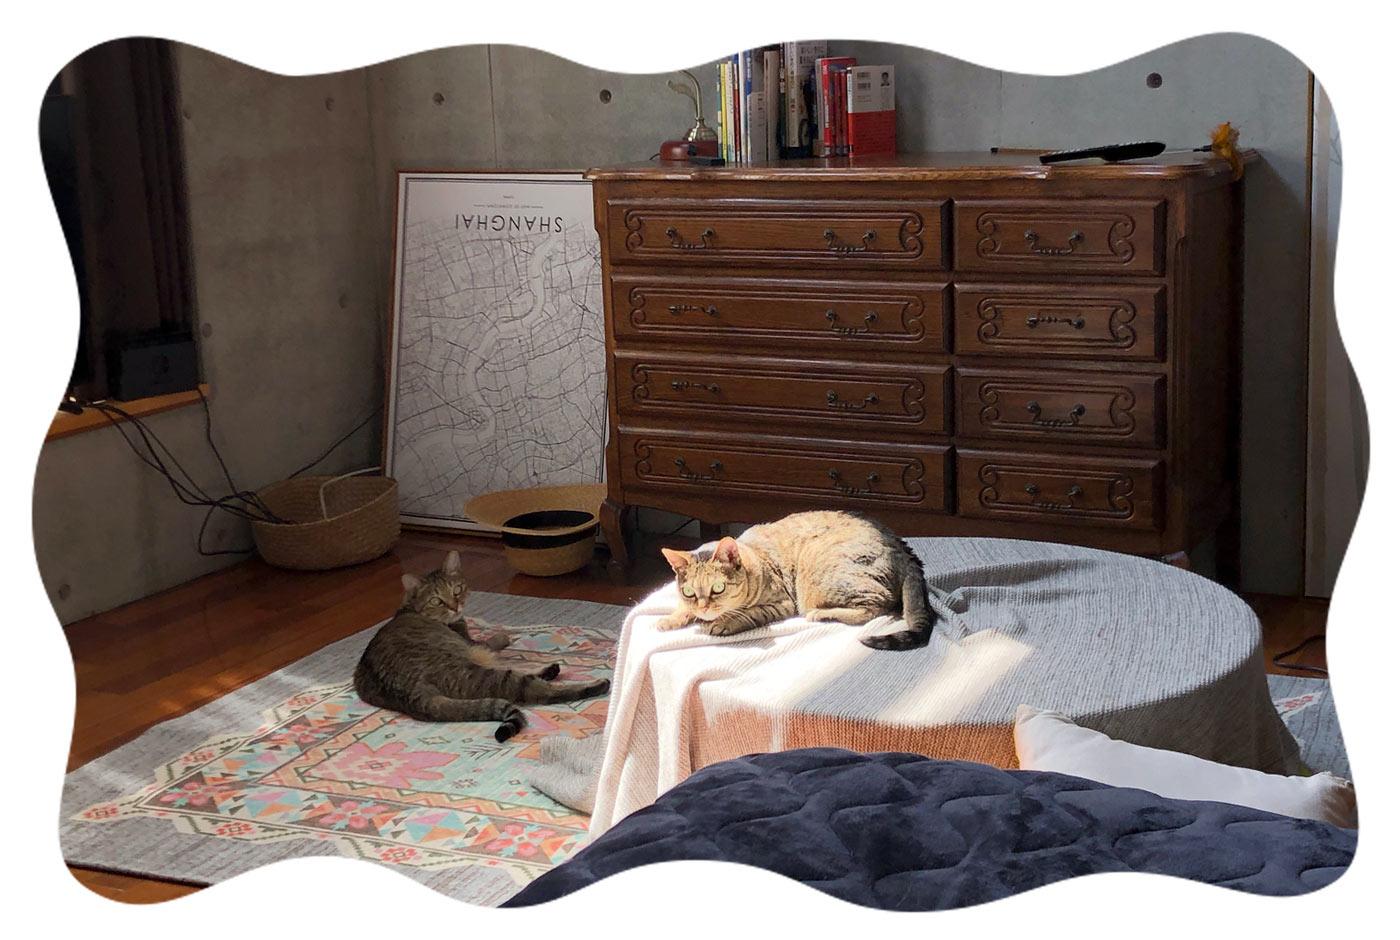 3768b24792 日の出が早くなり、差し込む日差しが強くなってきたので、猫たちはひなたぼっこが捗る。 スプラトゥーンやってると、お構いなく膝に乗ってくるので、負けが込んでい  ...